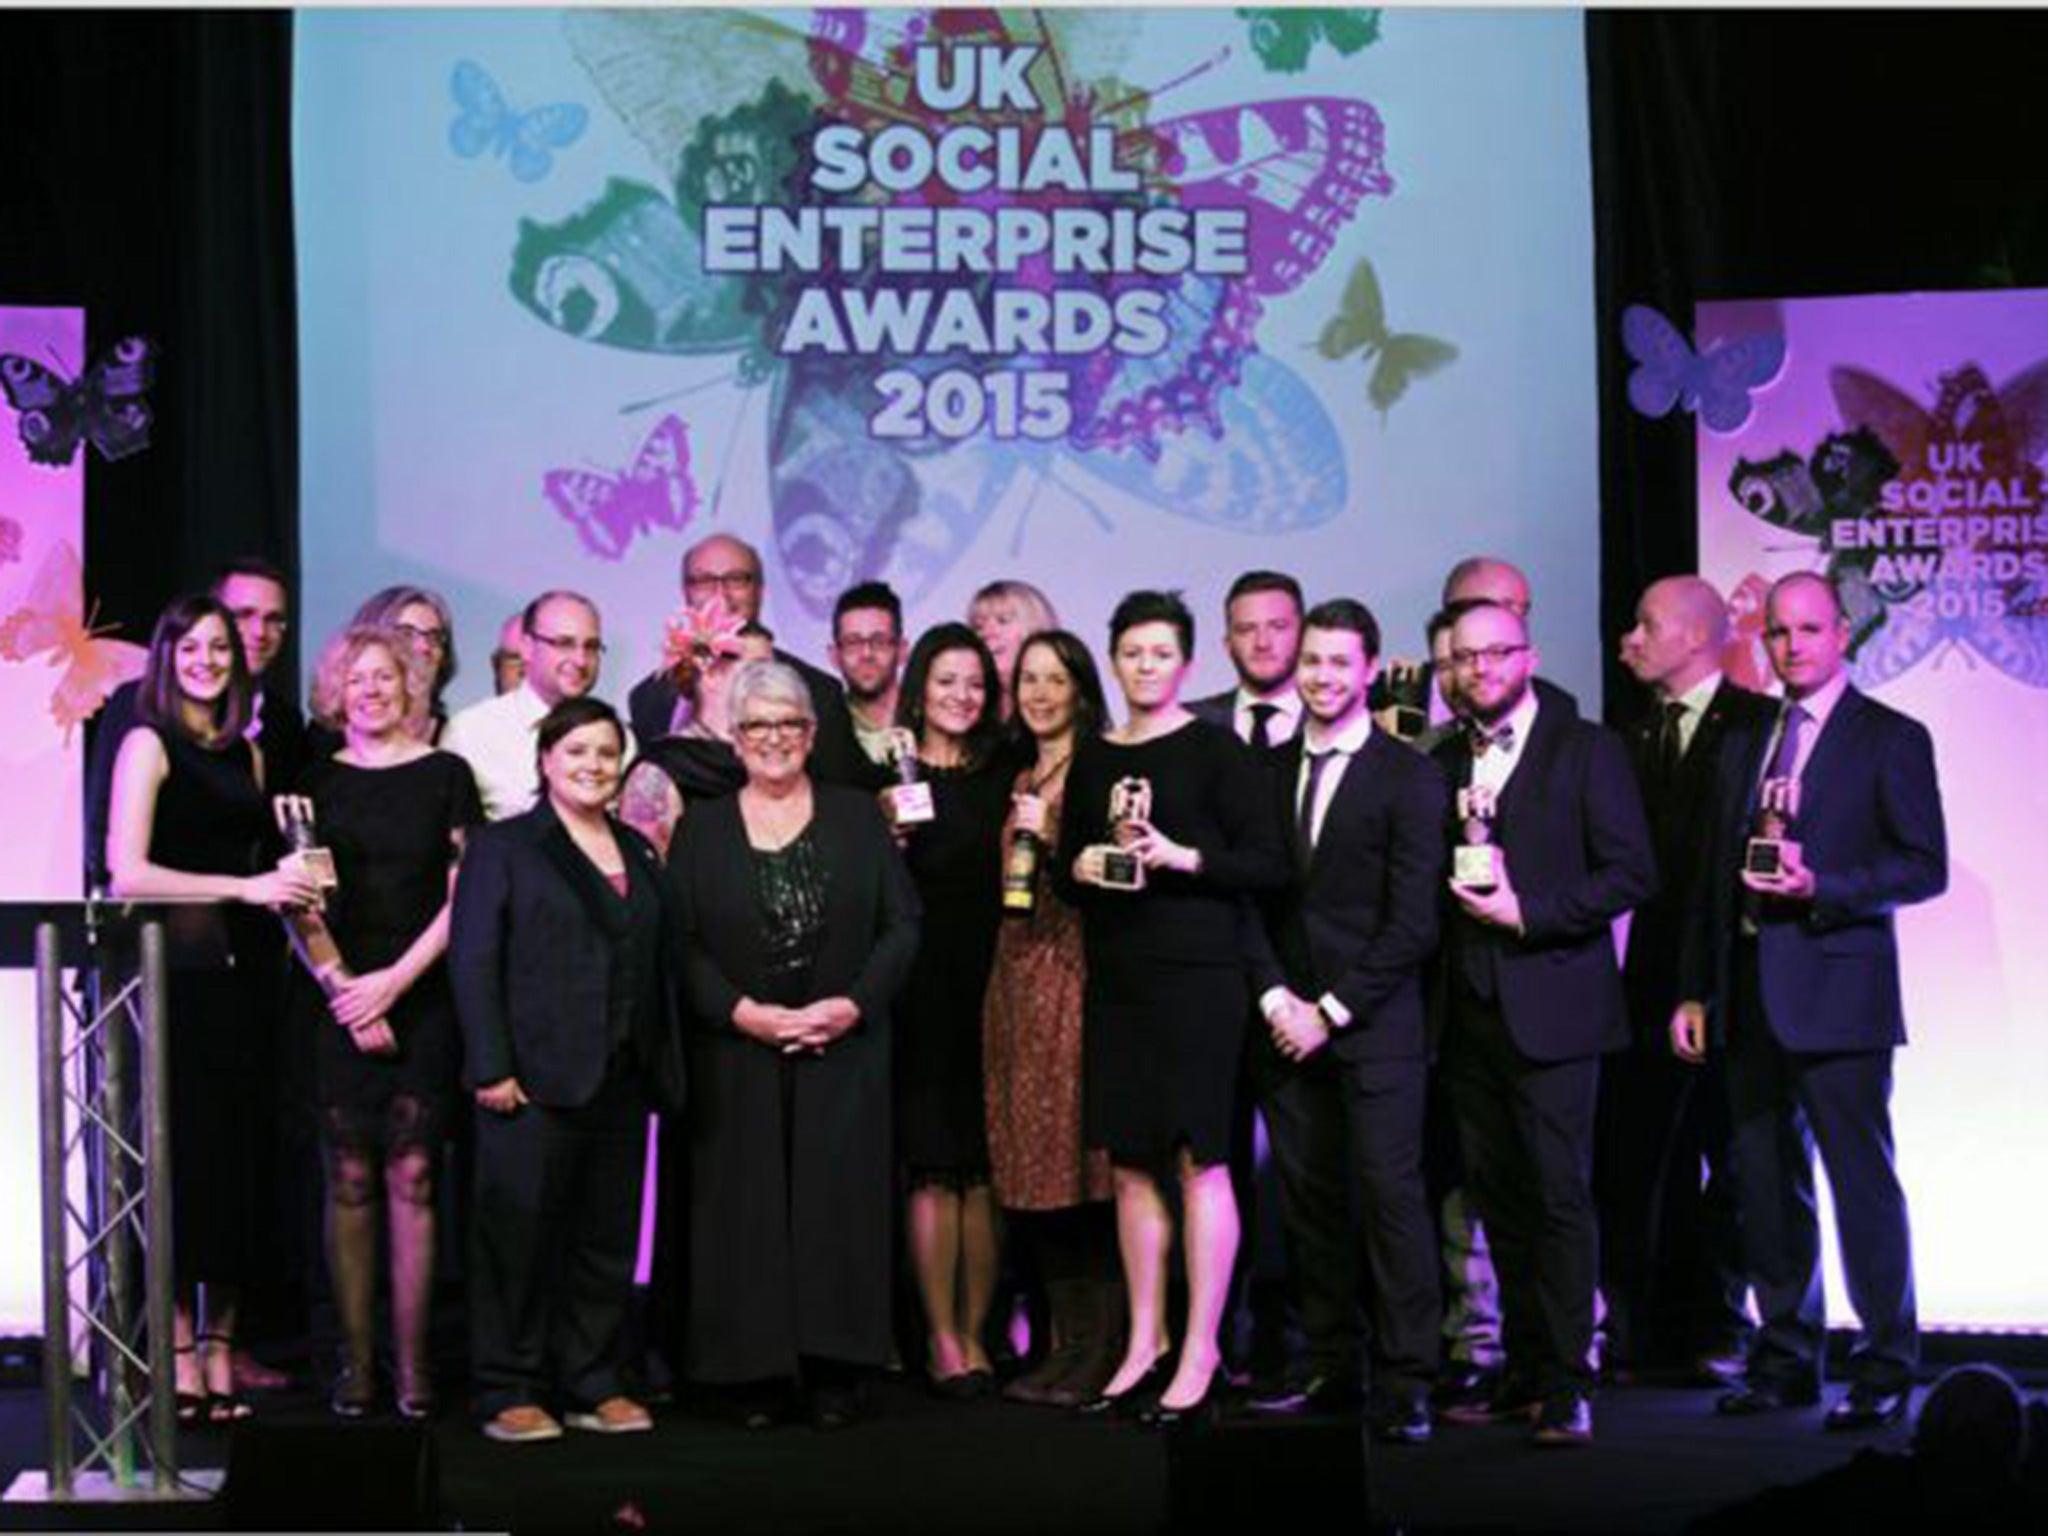 UK Social Enterprise Reader's Choice Award - latest news, breaking